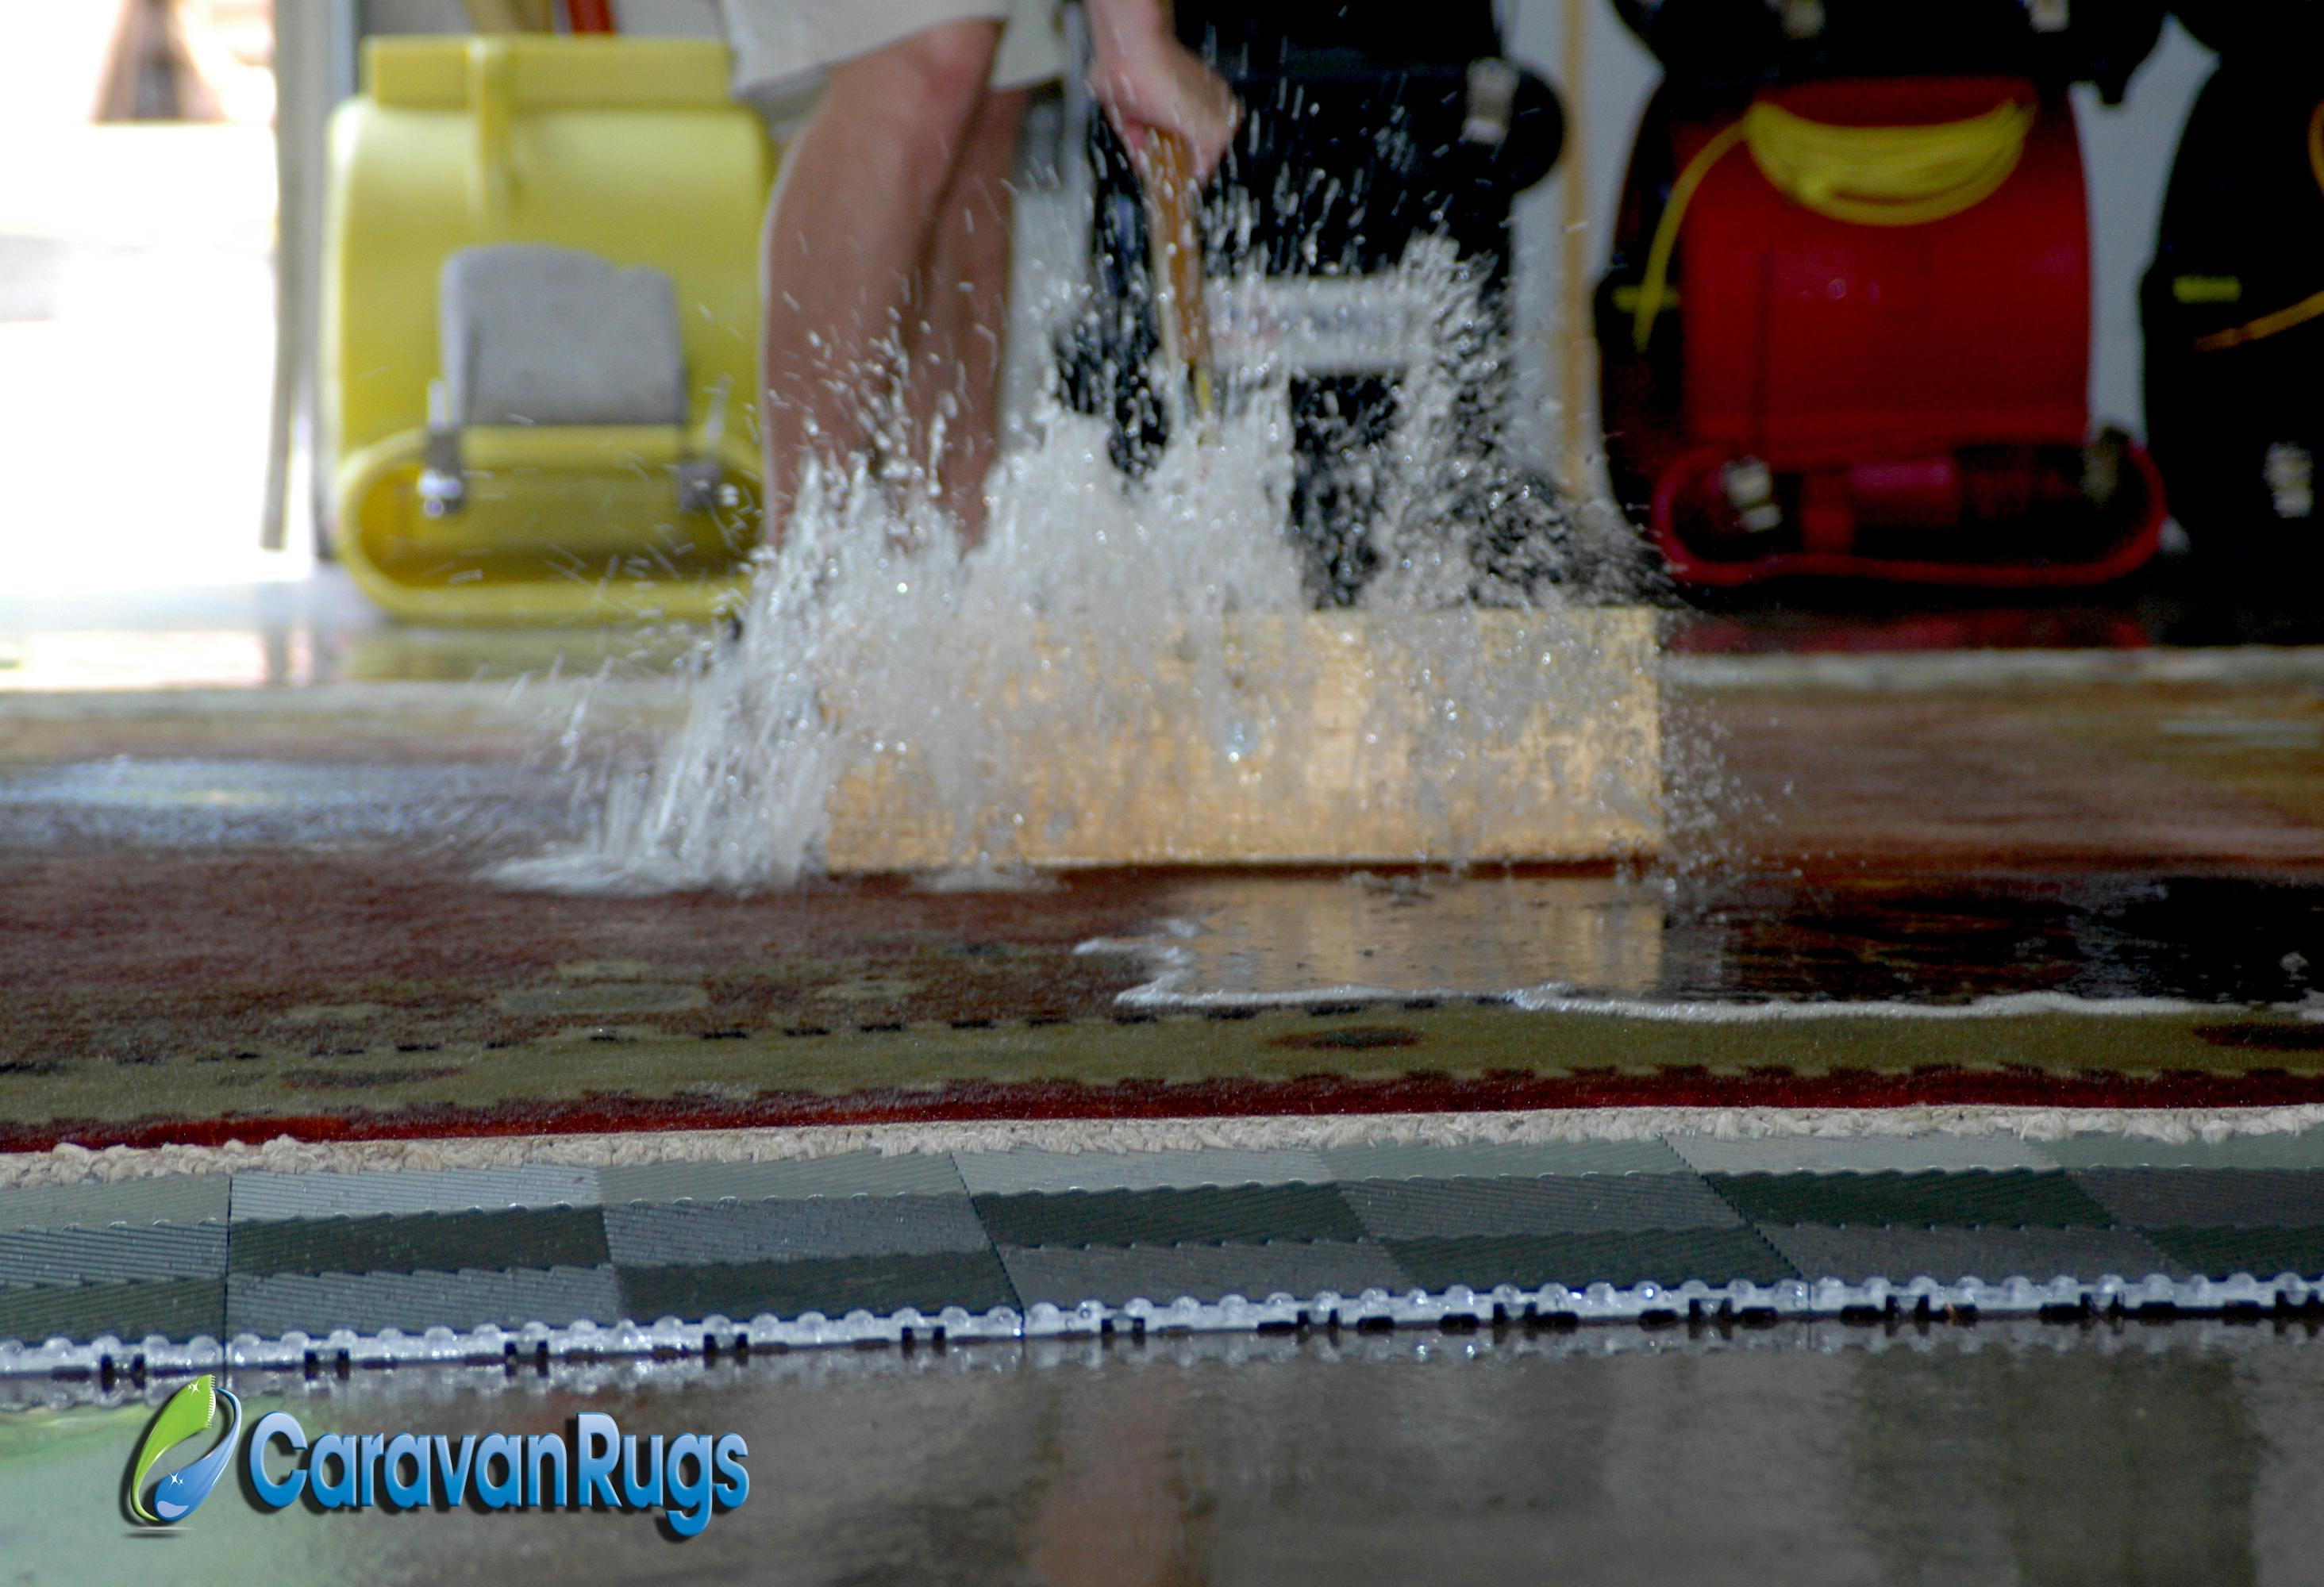 Caravan Rugs Cleaning 8613 Glenwood Ave